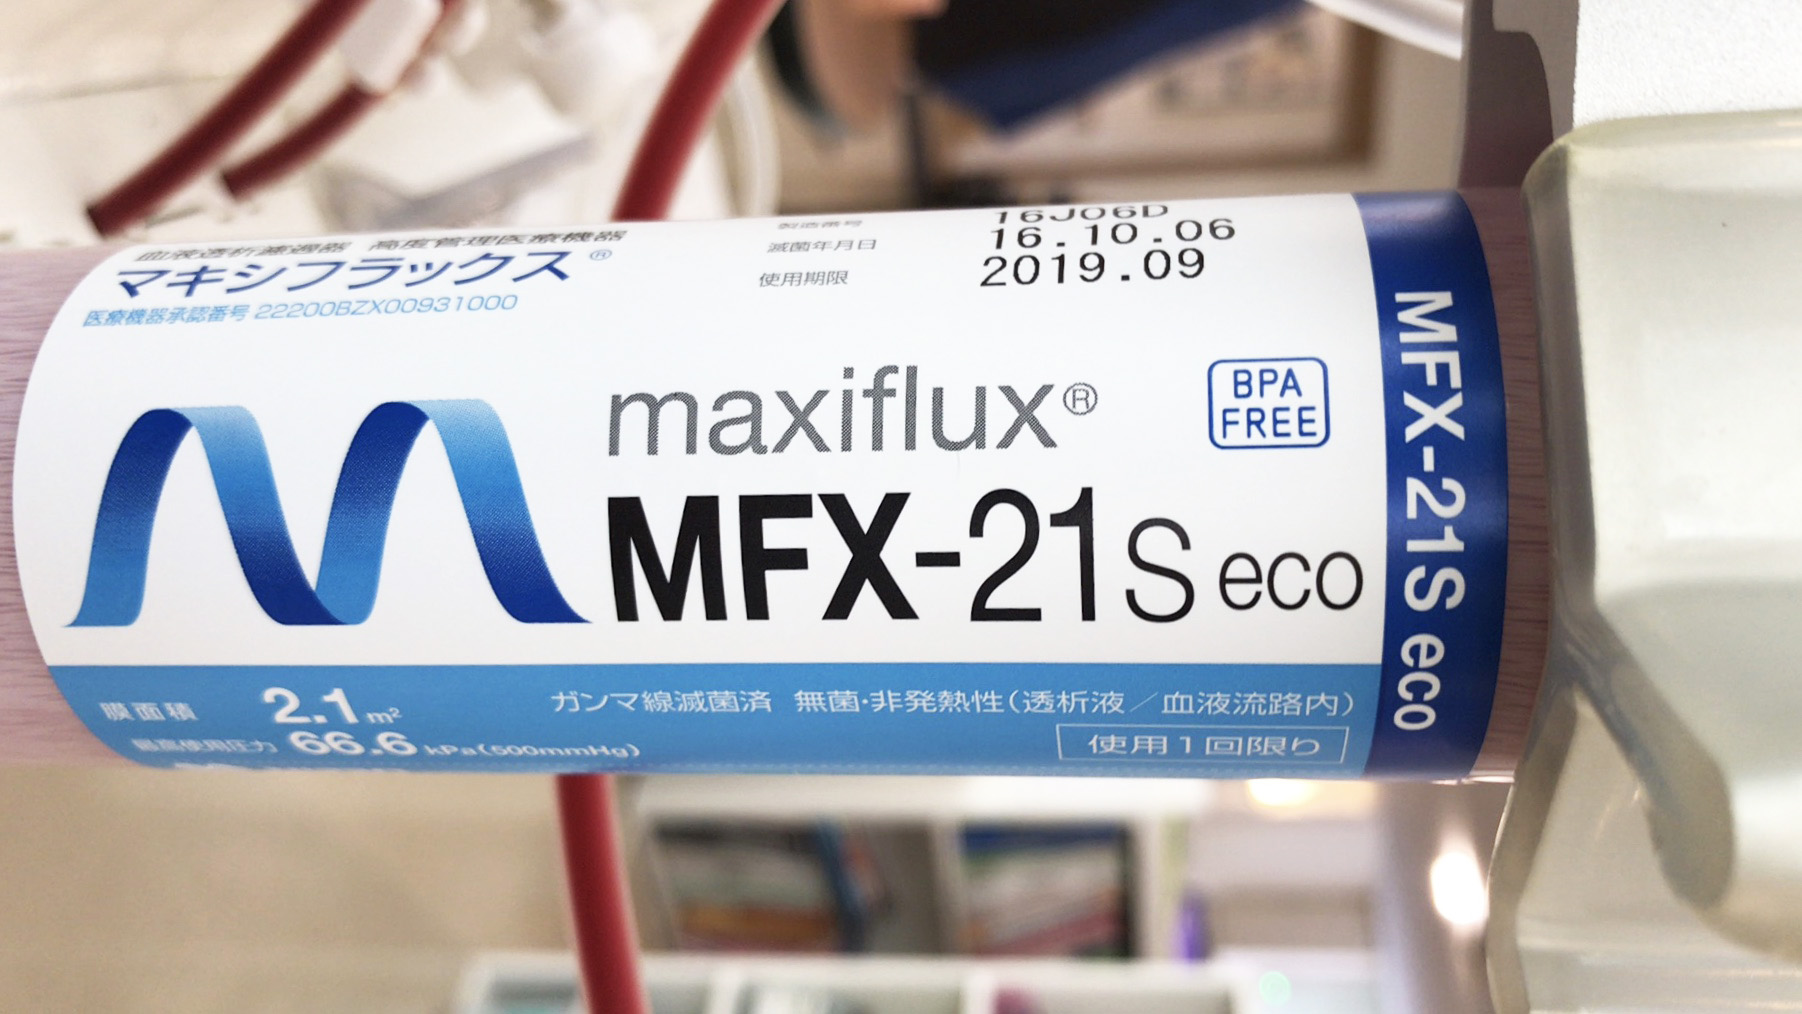 人工透析-ヘモダイアフィルタの種類 MFX-21S eco